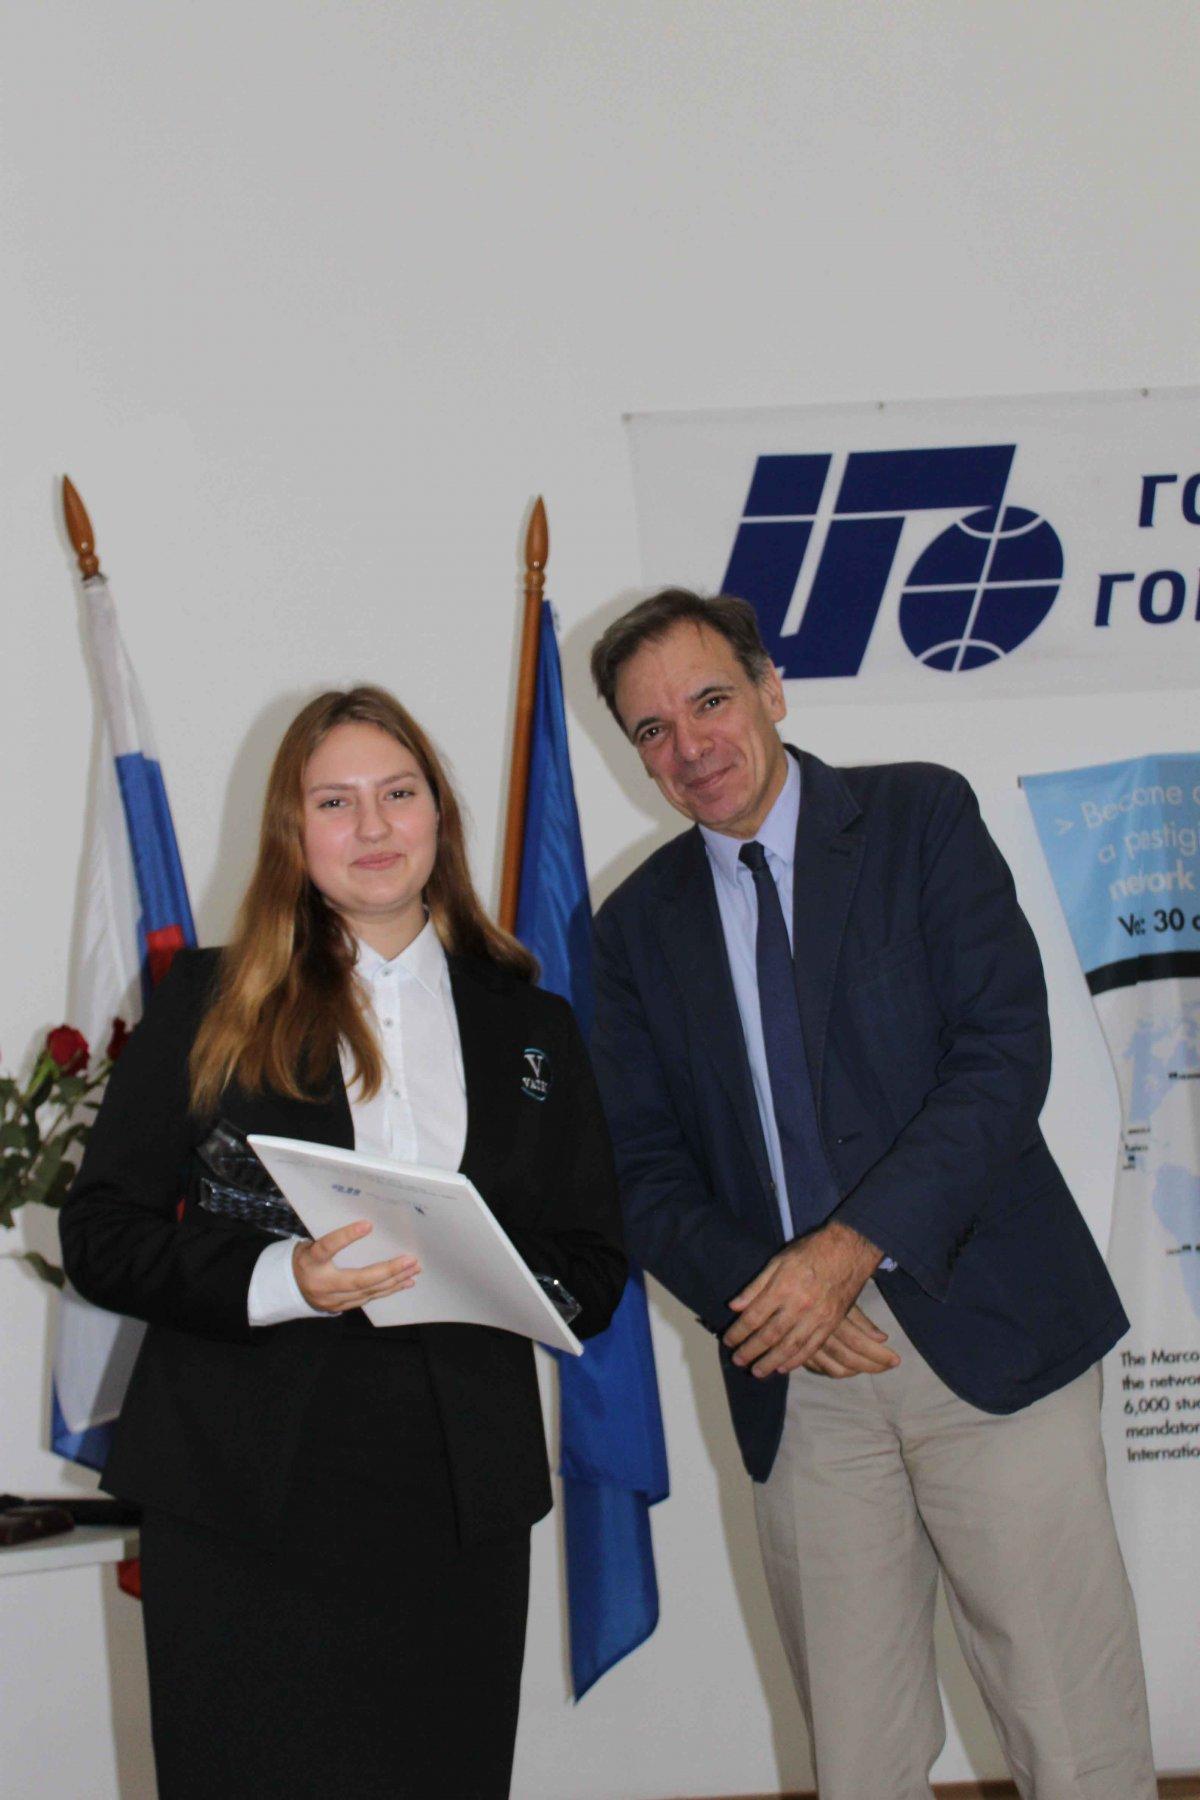 Vatel МОСКВА (Moscow) - Торжественная церемония приема студентов 1-го  курса набор 2017 - 13